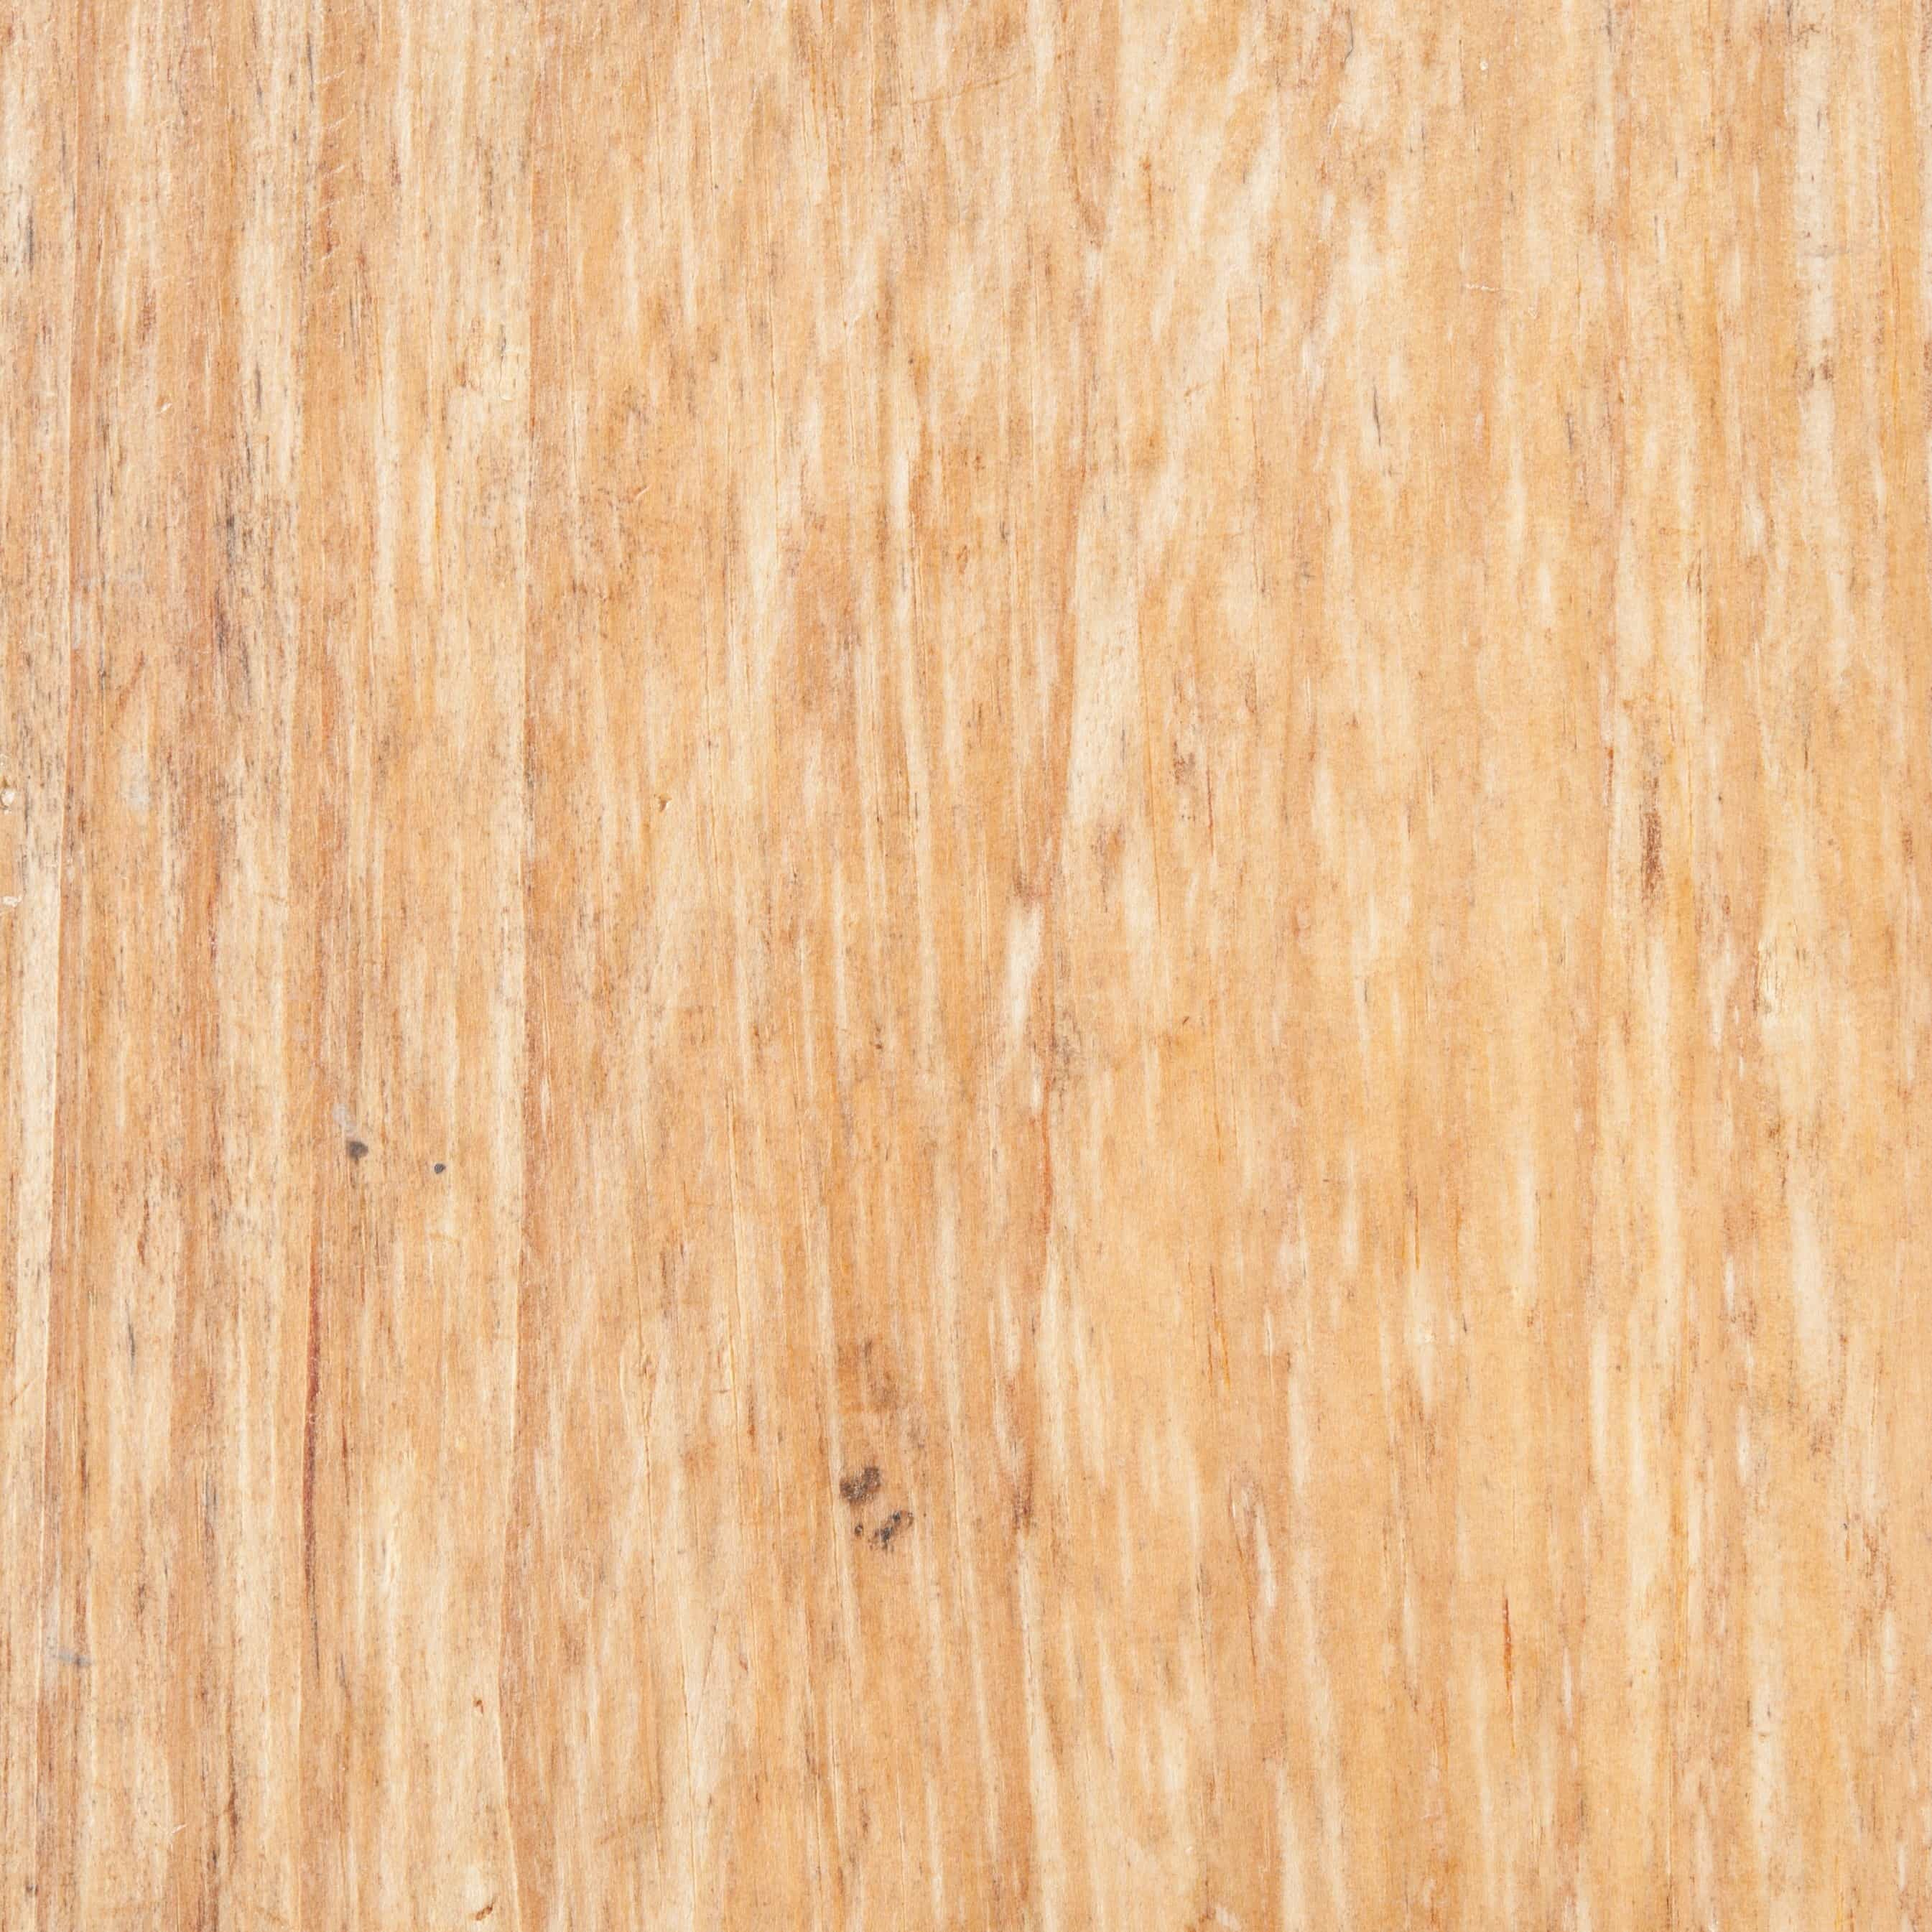 Parquet In Legno Duro foto gratis: legno duro, texture, legno, design, parquet